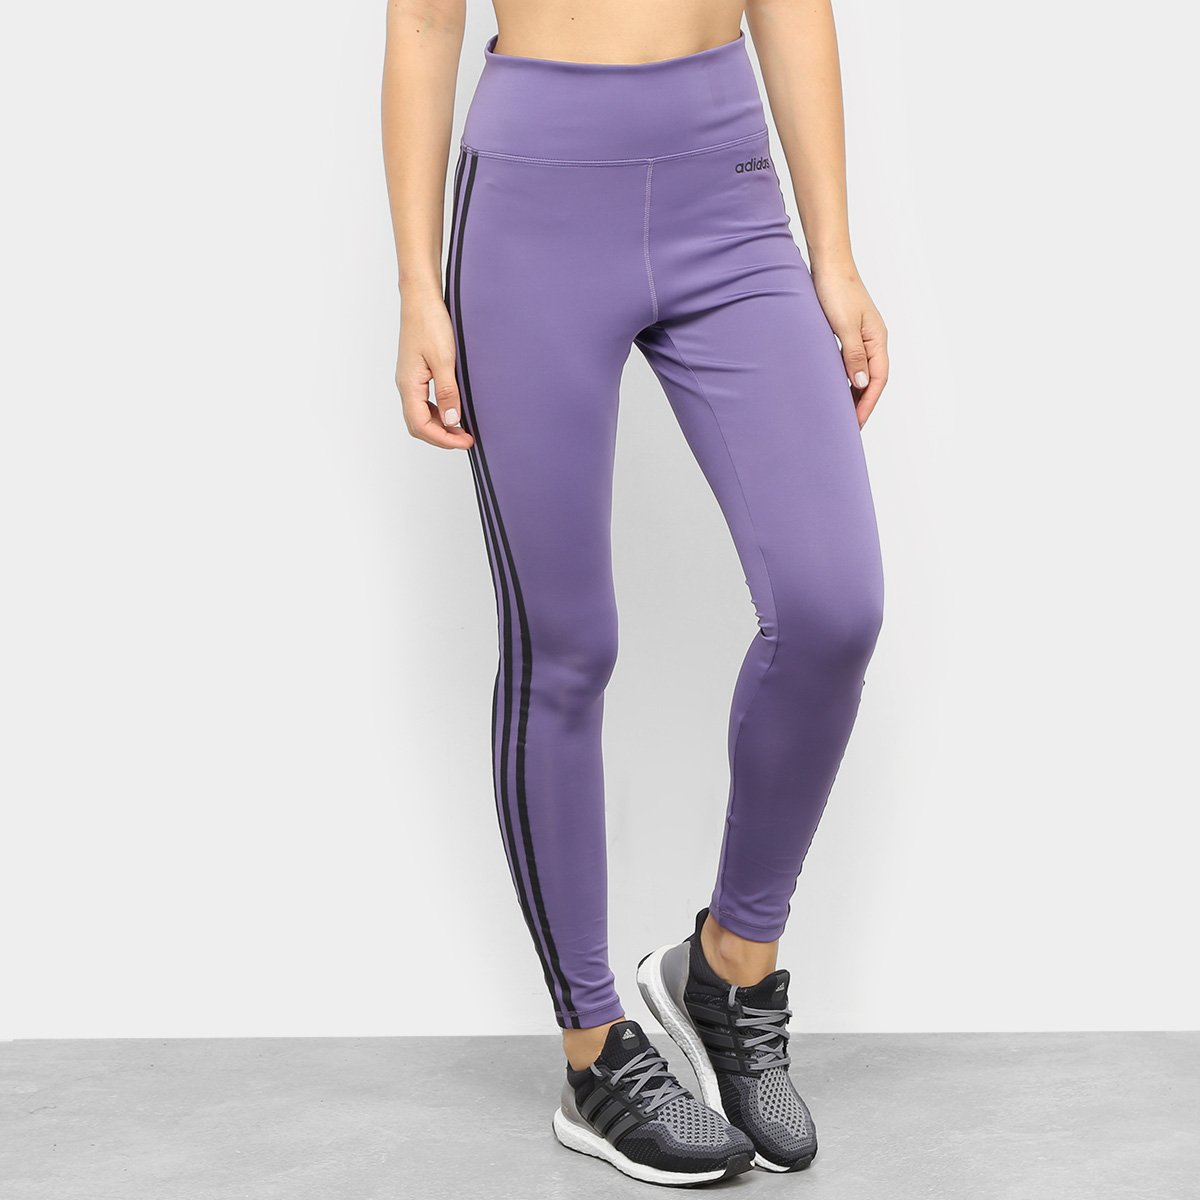 Menor preço em Calça Adidas D2M 3 Stripes Cintura Alta Feminina - Roxo e Preto